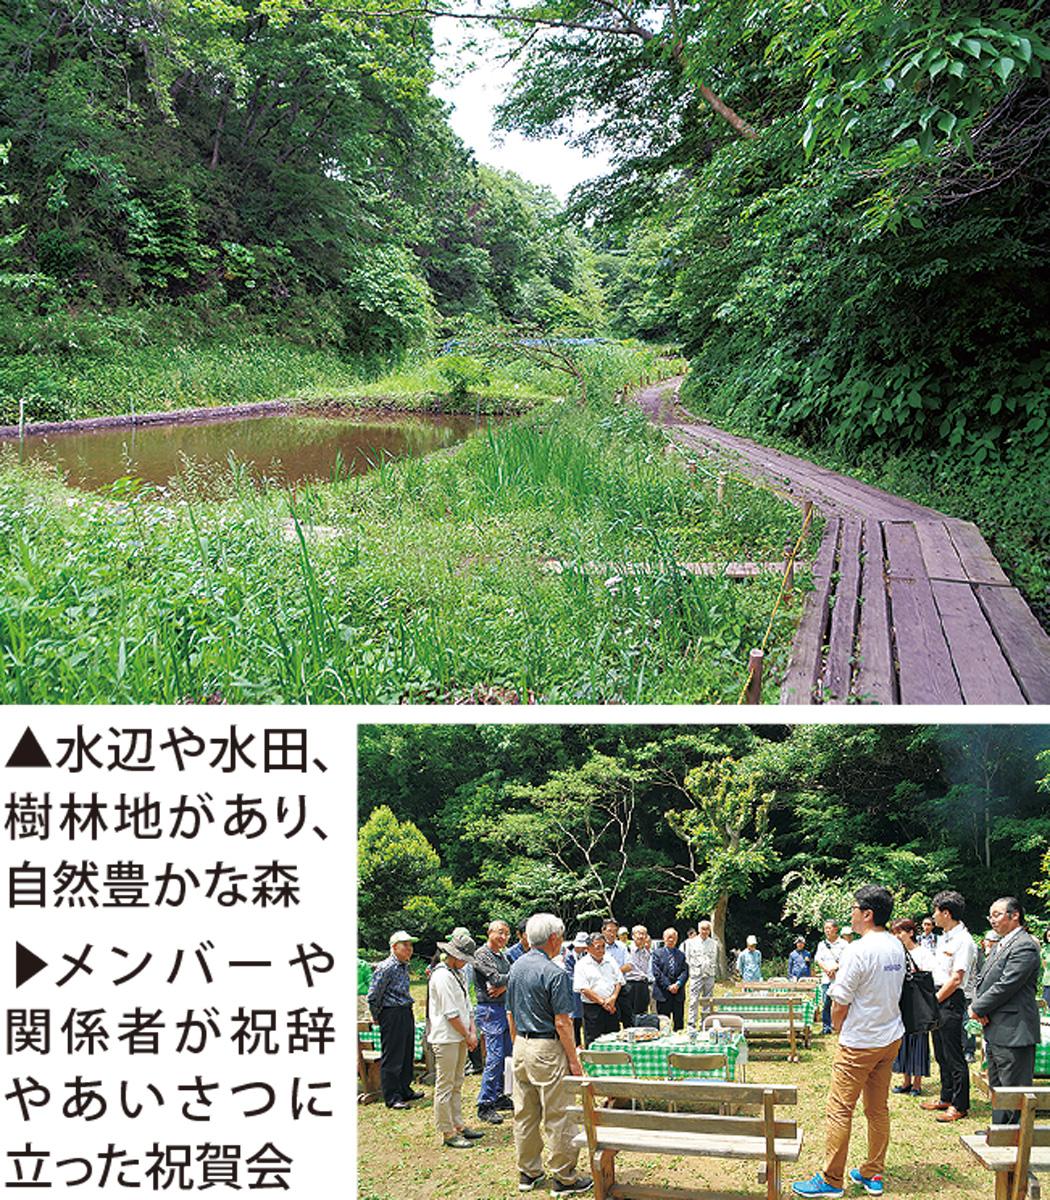 荒井沢市民の森 開園20周年